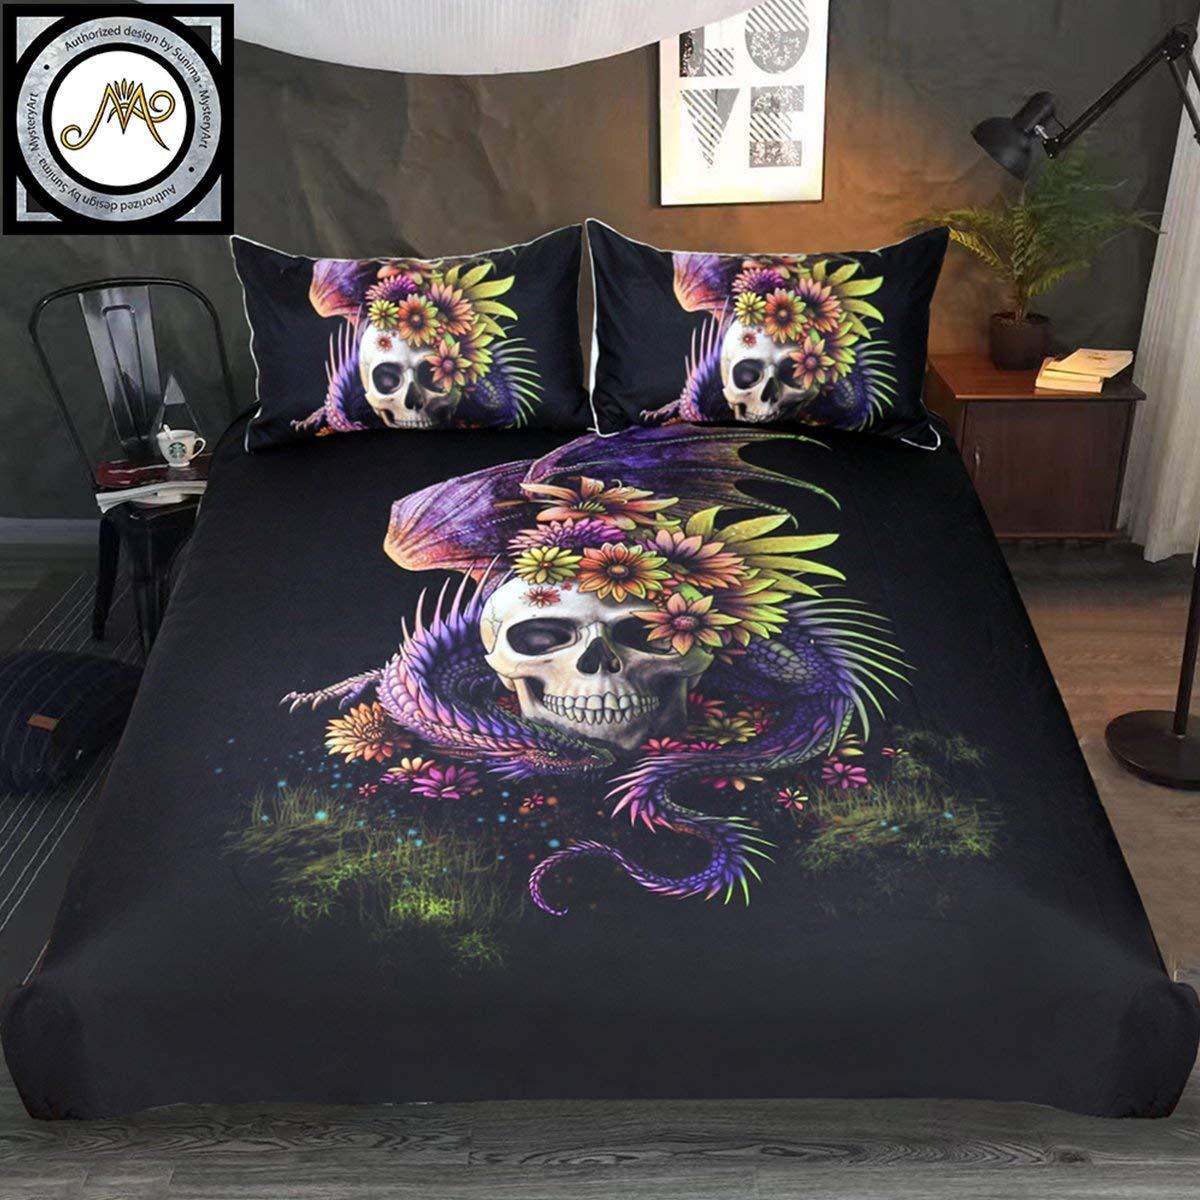 Sleepwish Flowery Skull by Sunima Bedding Set 3pcs Purple Black Dragon Skull Duvet Cover Gothic Bed Set for Men (King)